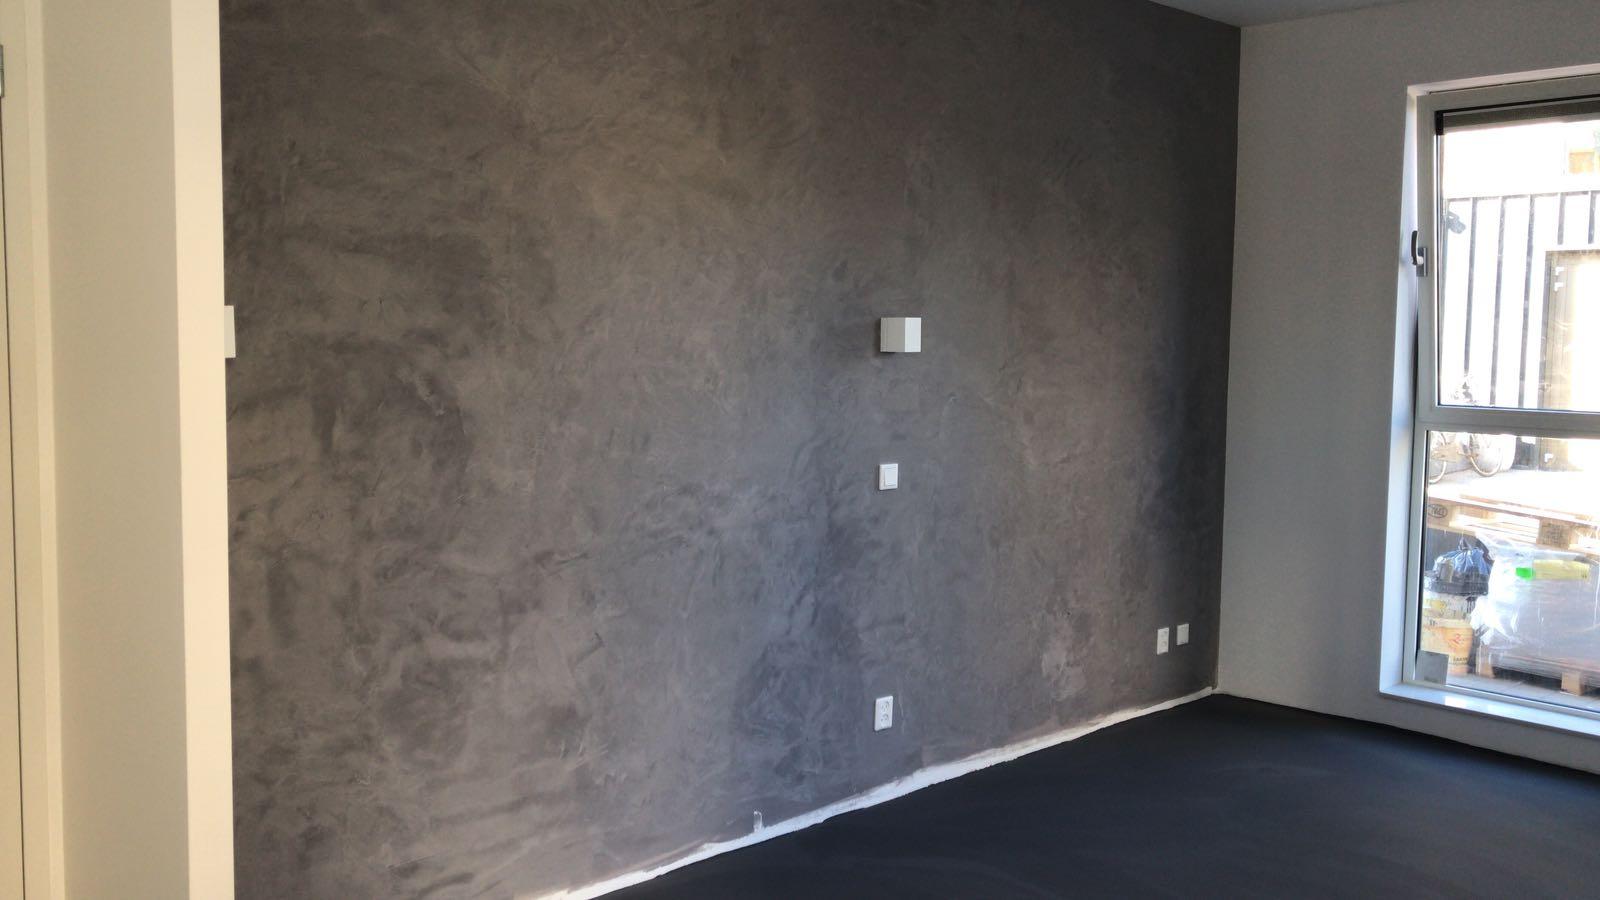 betonlook laten schilderen specialist schildersbedrijf van hussel nijkerk. Black Bedroom Furniture Sets. Home Design Ideas